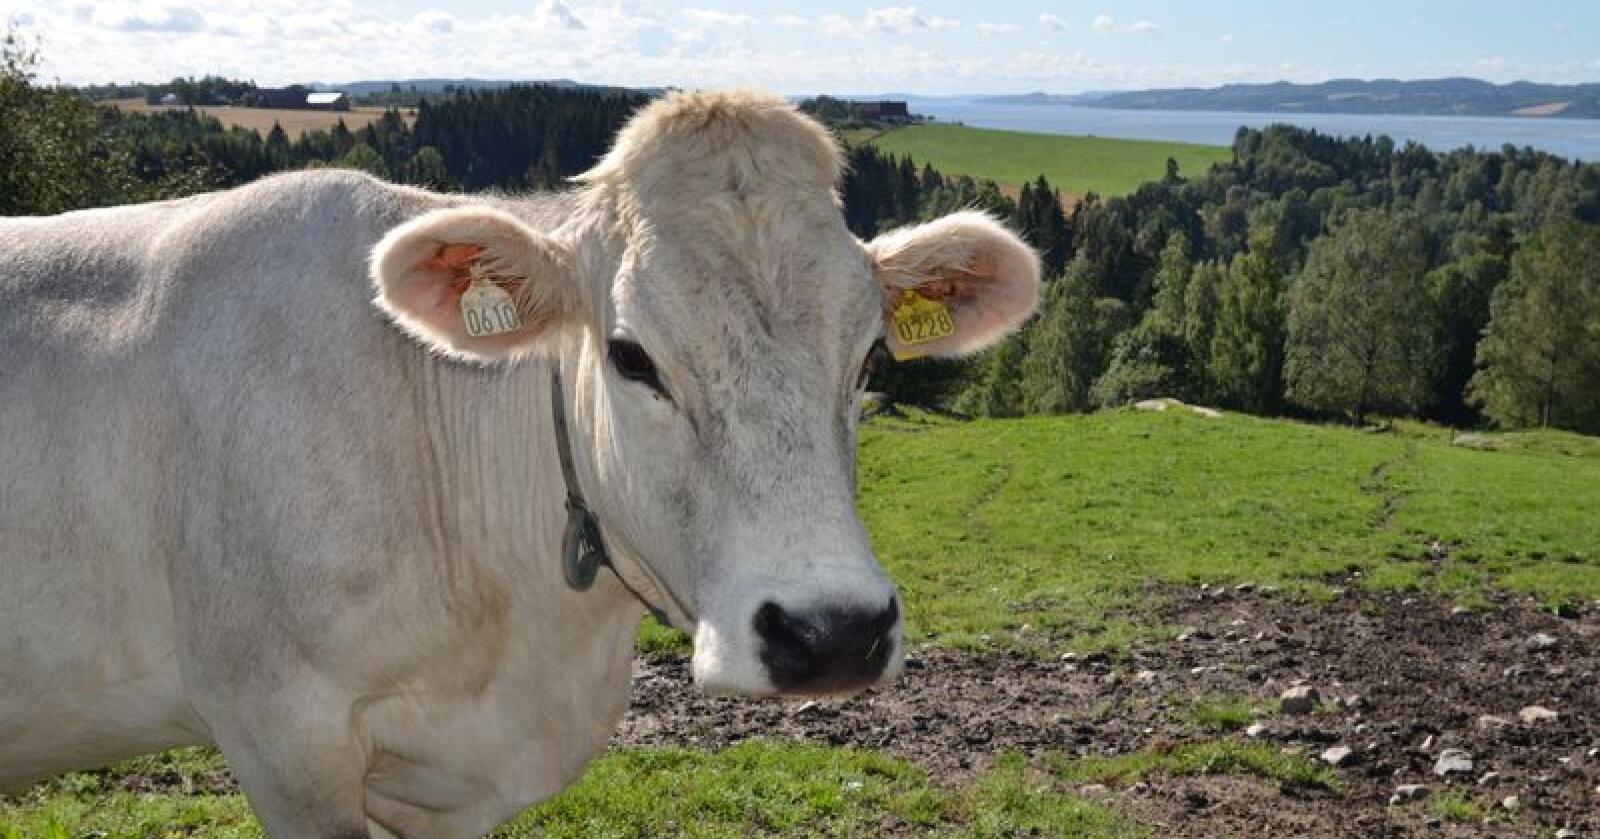 Tiroler-kua kan få samme status som de andre kjøttferasene. Det betyr at kua kan brukes som ammeku på melkebruket, og få samme kjøttfetilskudd som de andre kjøttferasene. Foto: Liv Jorunn Denstadli Sagmo